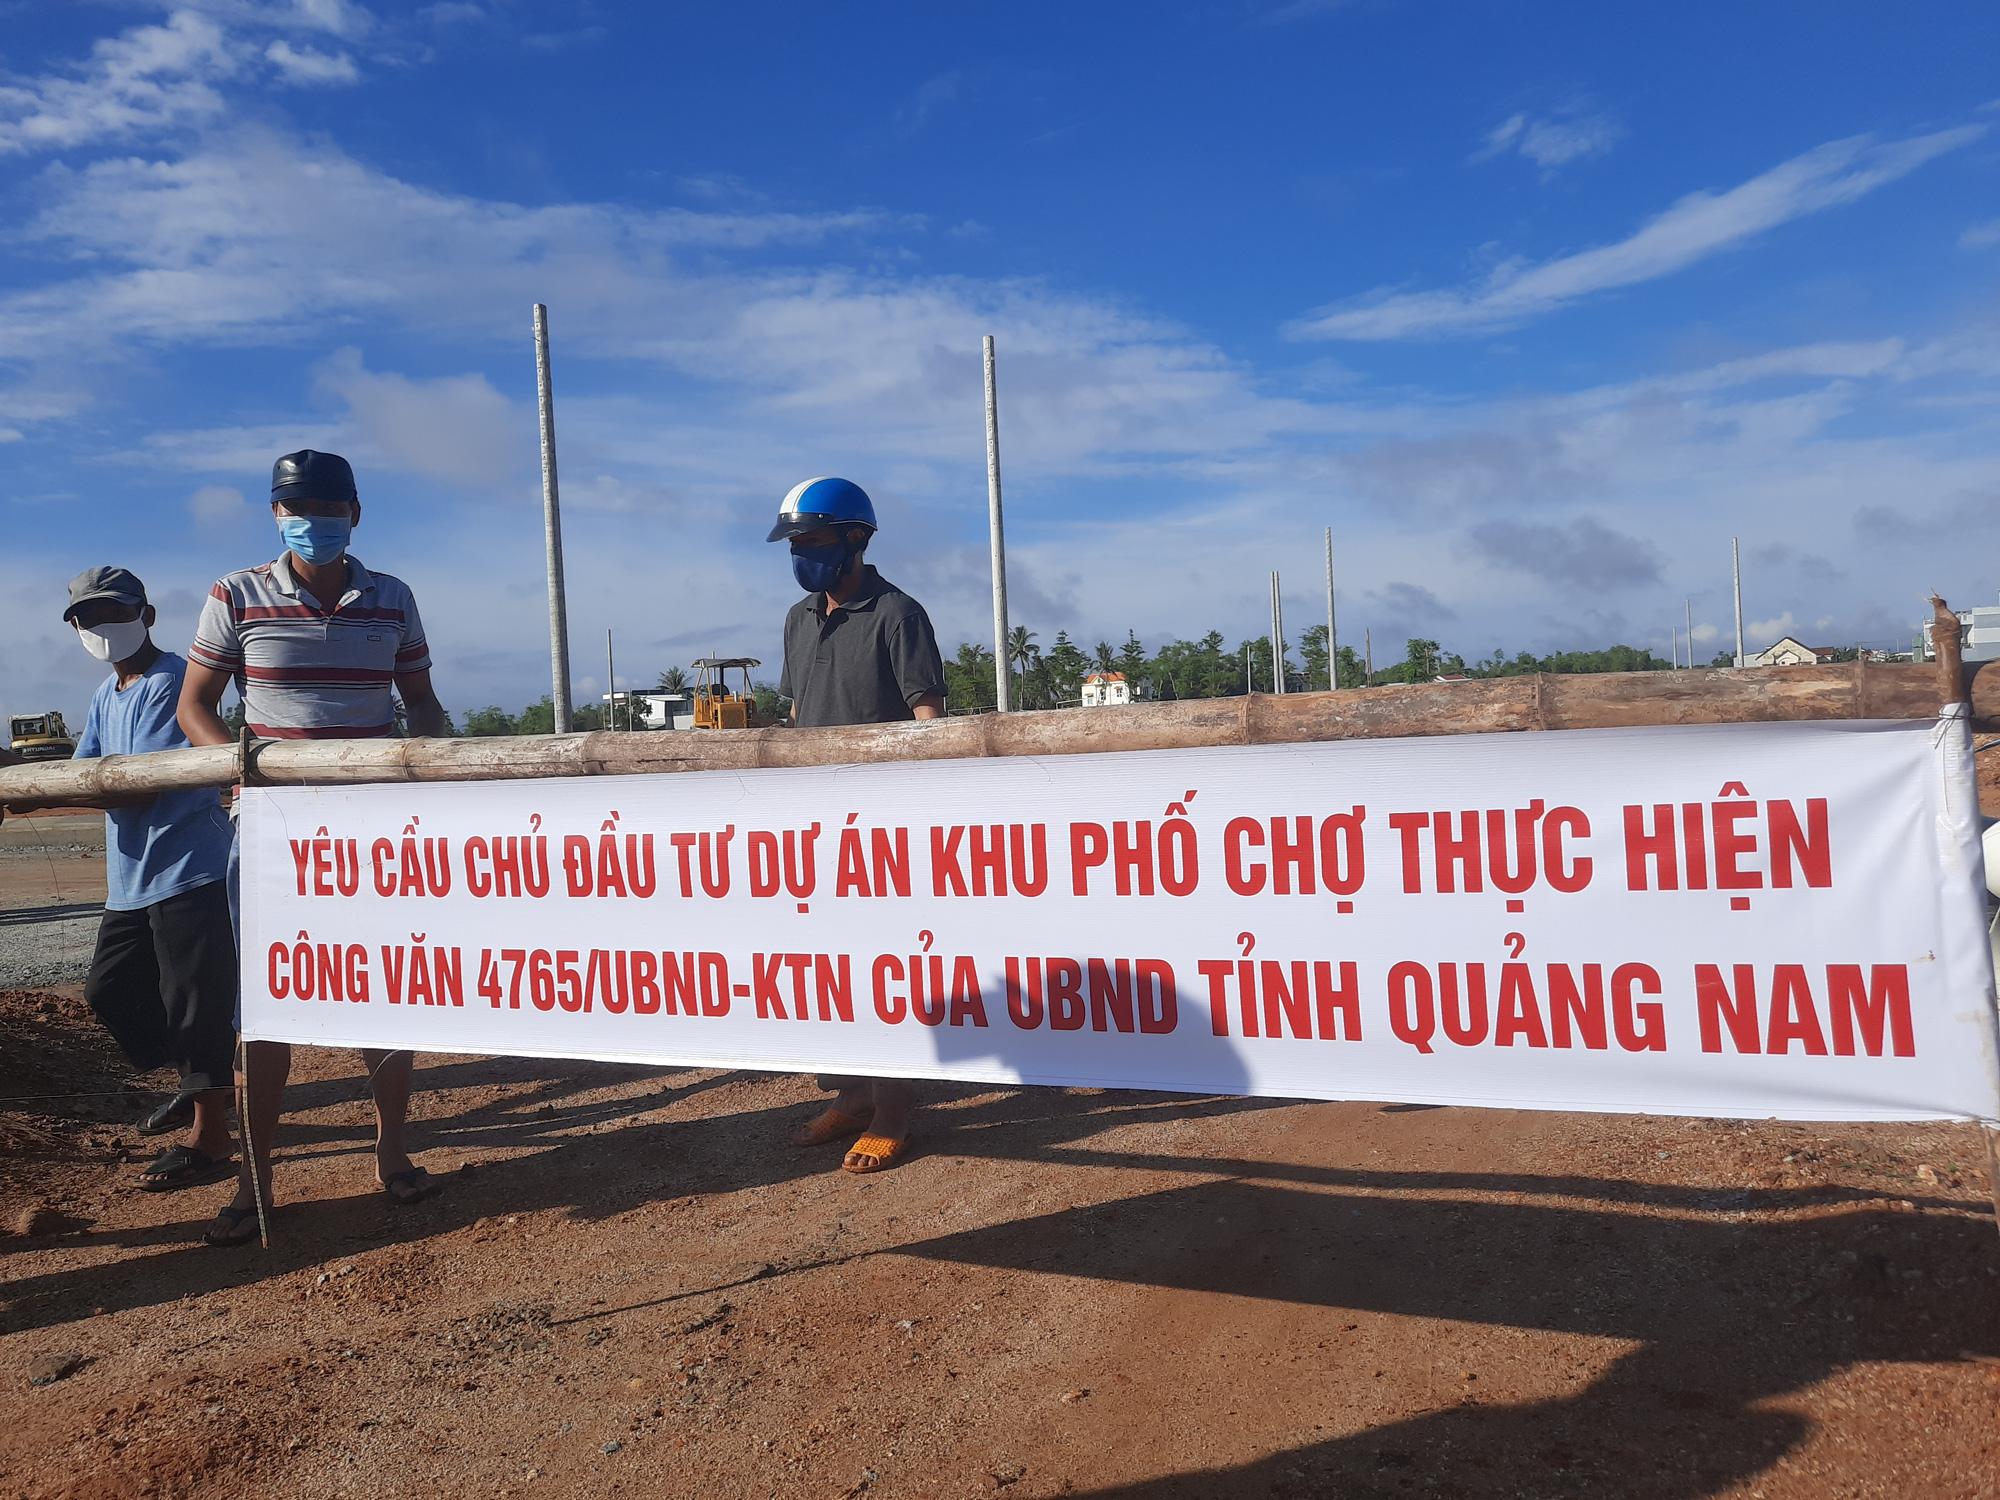 Người dân vây dự án Chiên Đàn, Quảng Nam tiếp tục ra văn bản chỉ đạo - Ảnh 1.